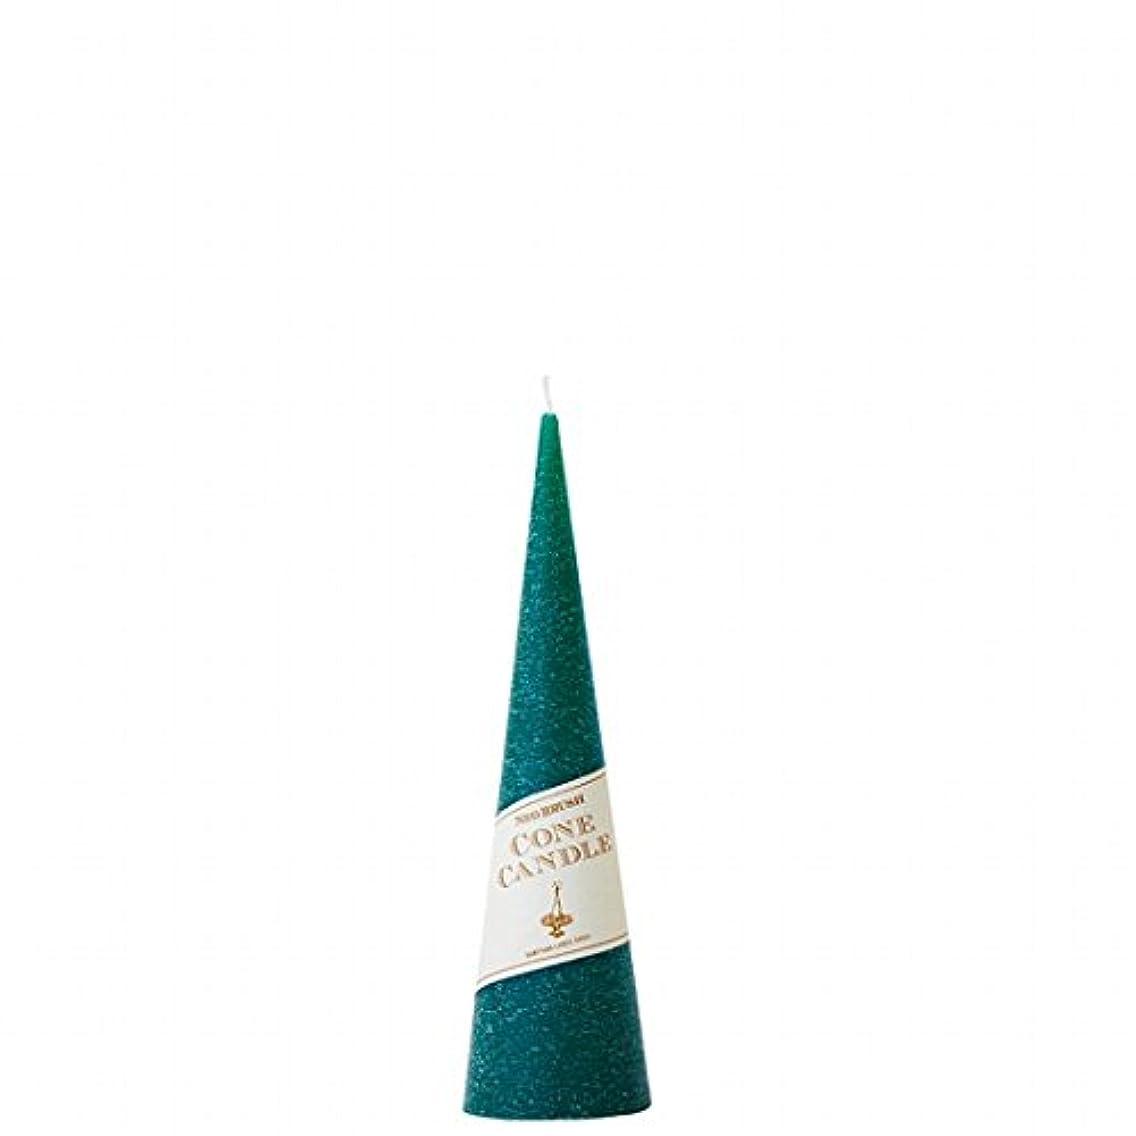 排泄物他のバンドでショートカットkameyama candle(カメヤマキャンドル) ネオブラッシュコーン 180 キャンドル 「 グリーン 」(A9750010G)